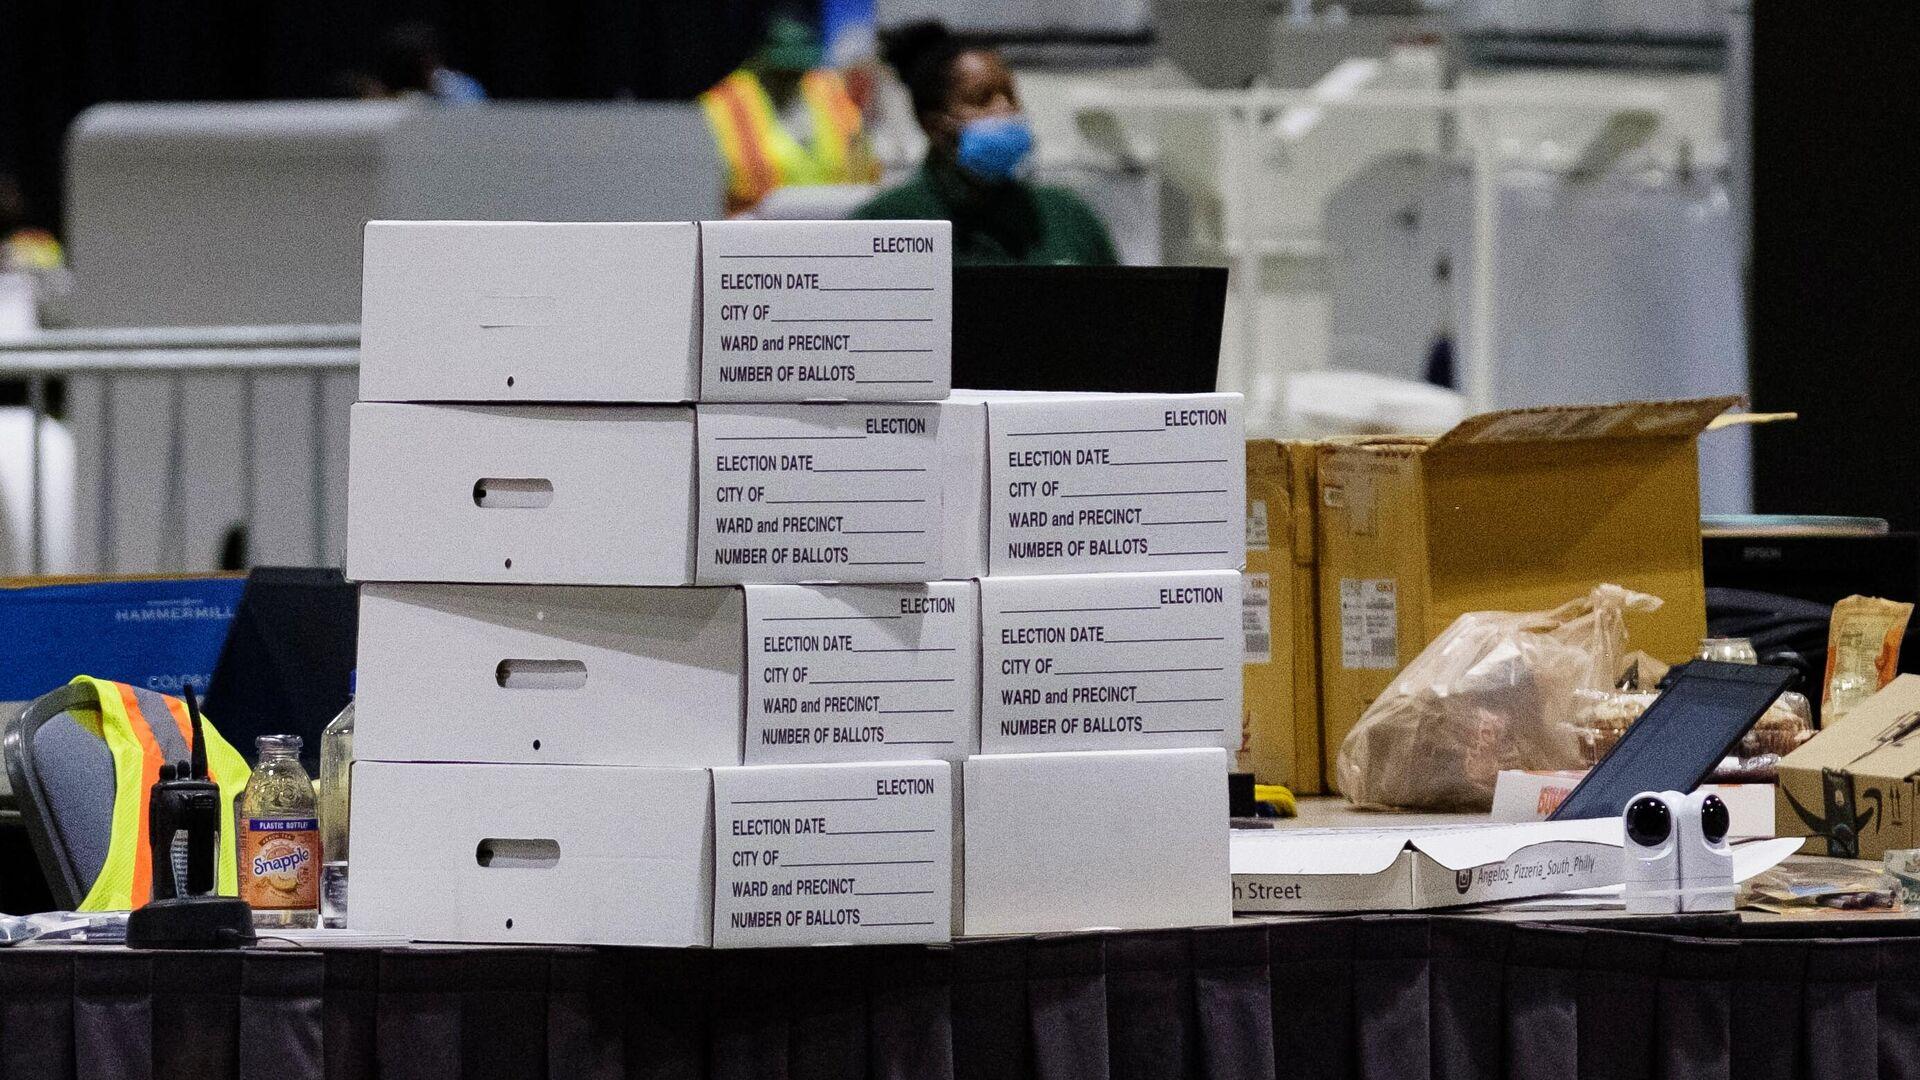 Эксперт прокомментировал неопределенность с итогами выборов в США - РИА  Новости, 12.11.2020